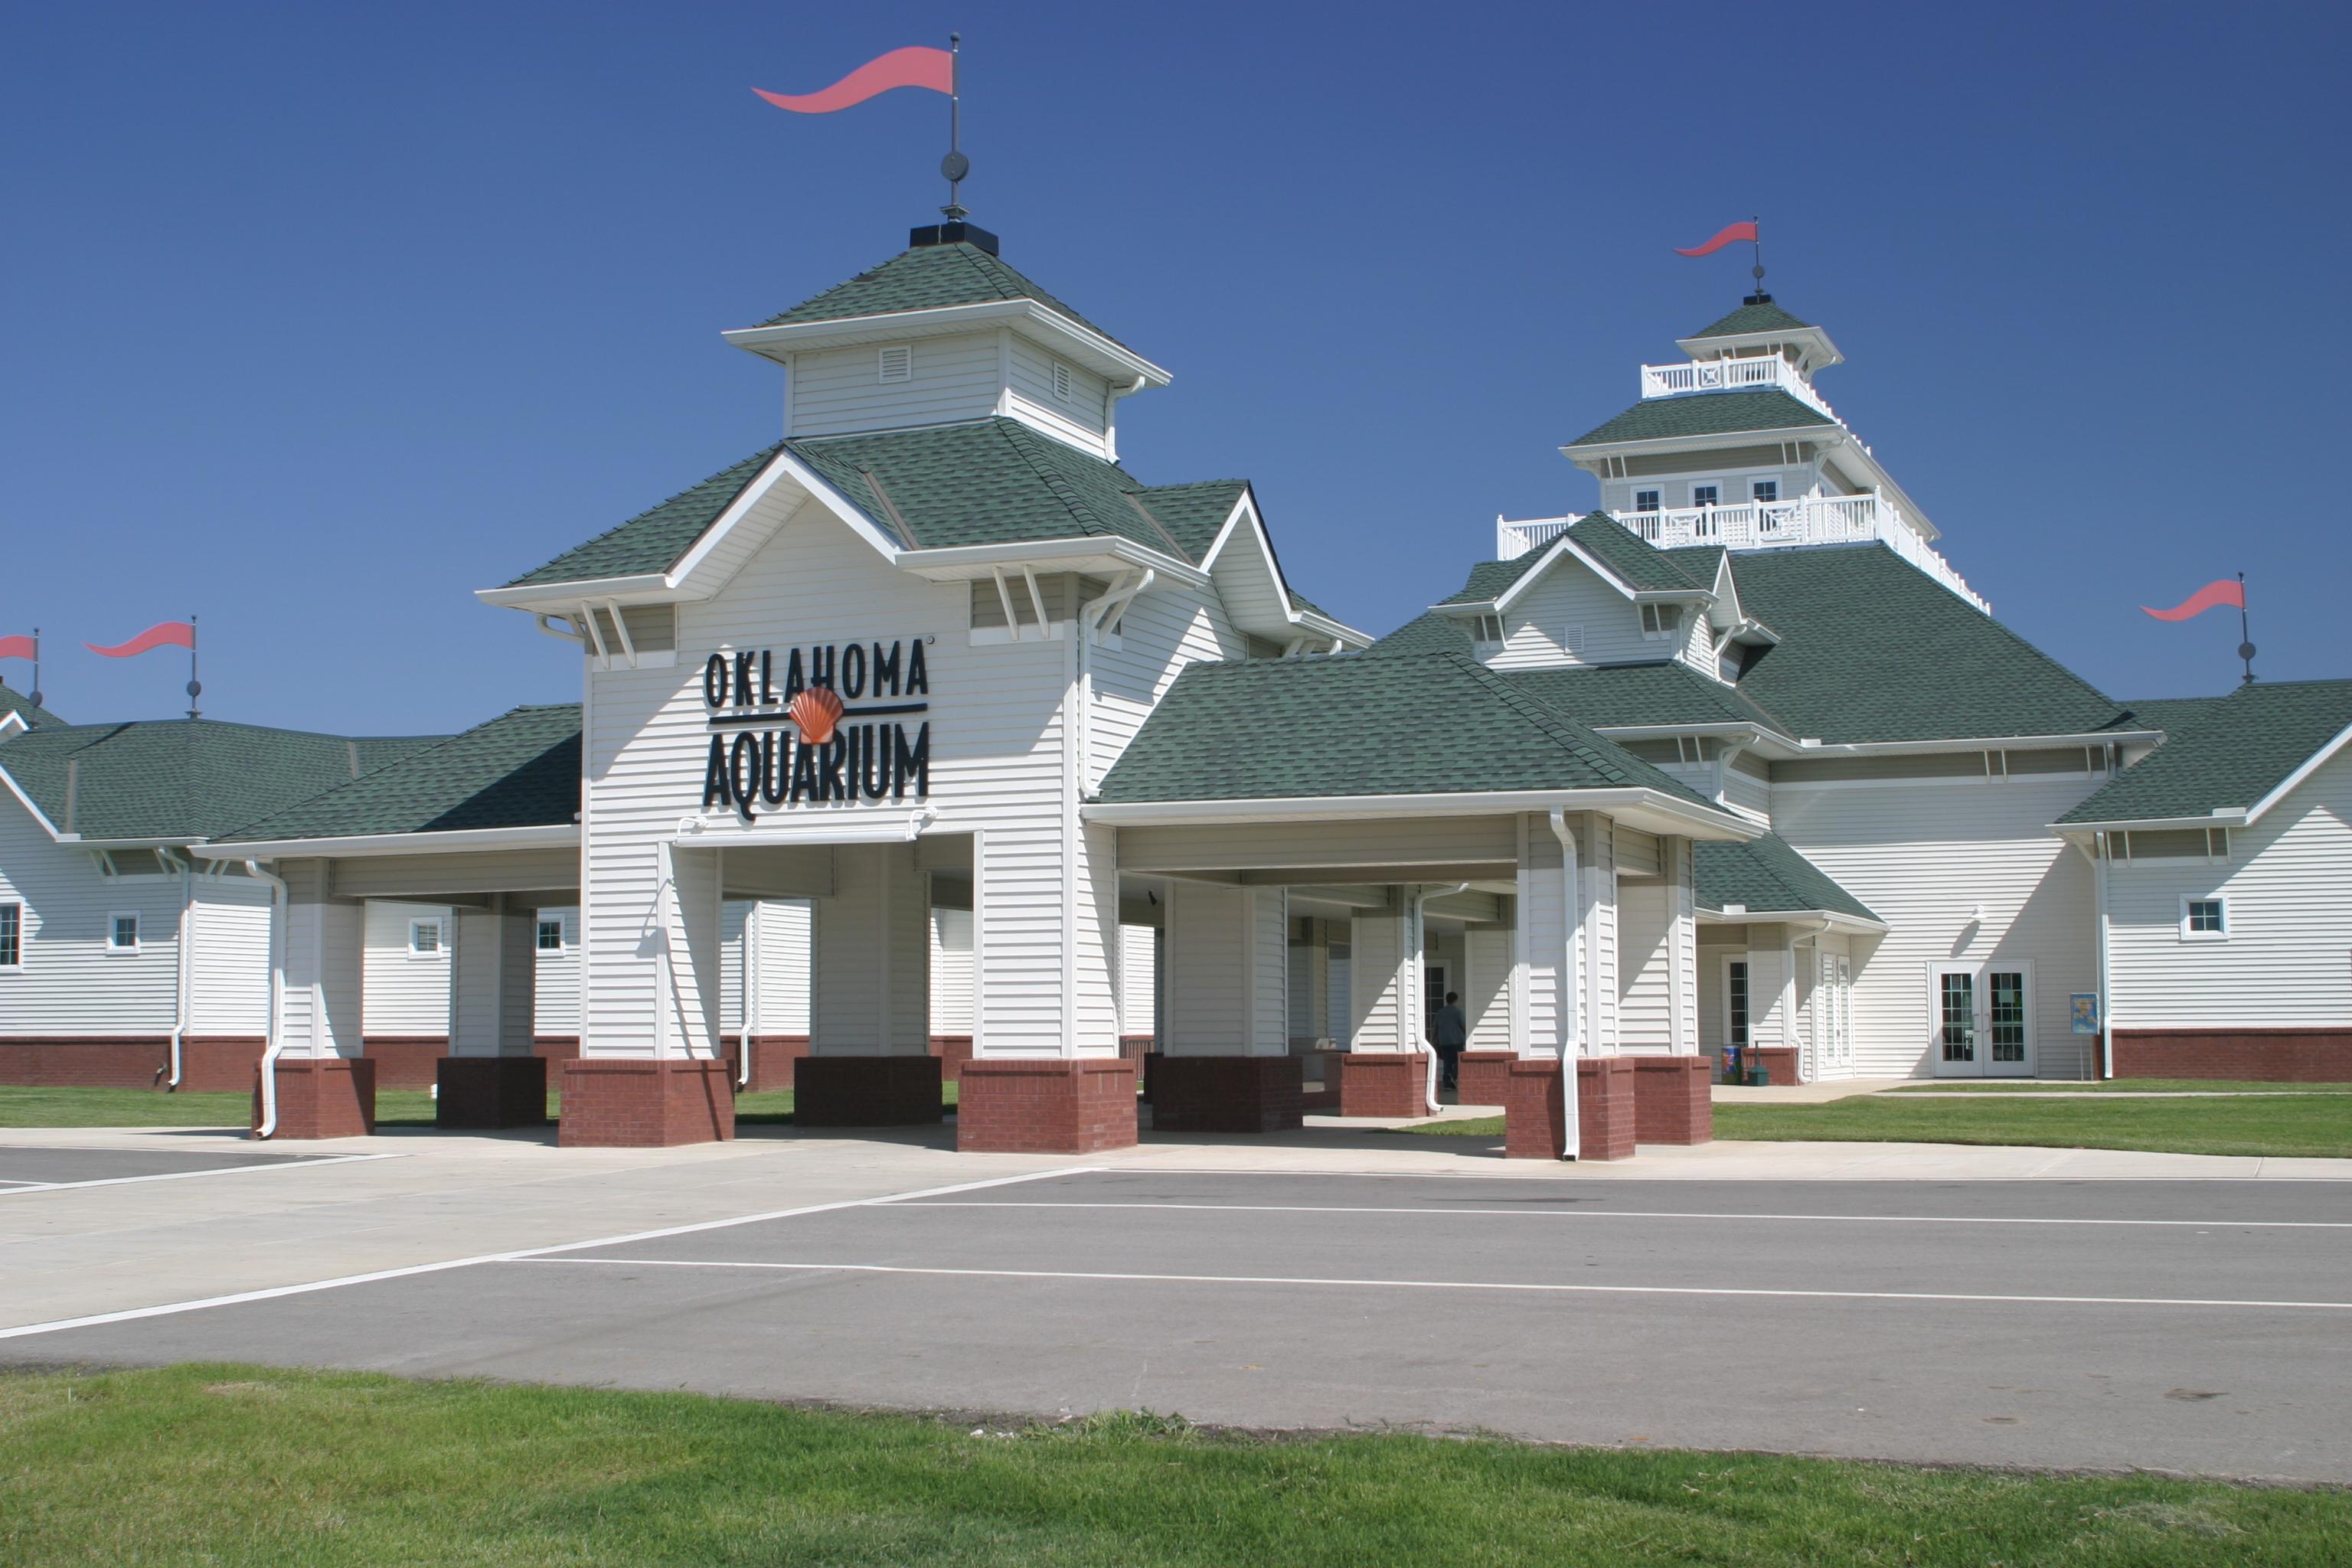 Oklahoma Aquarium*